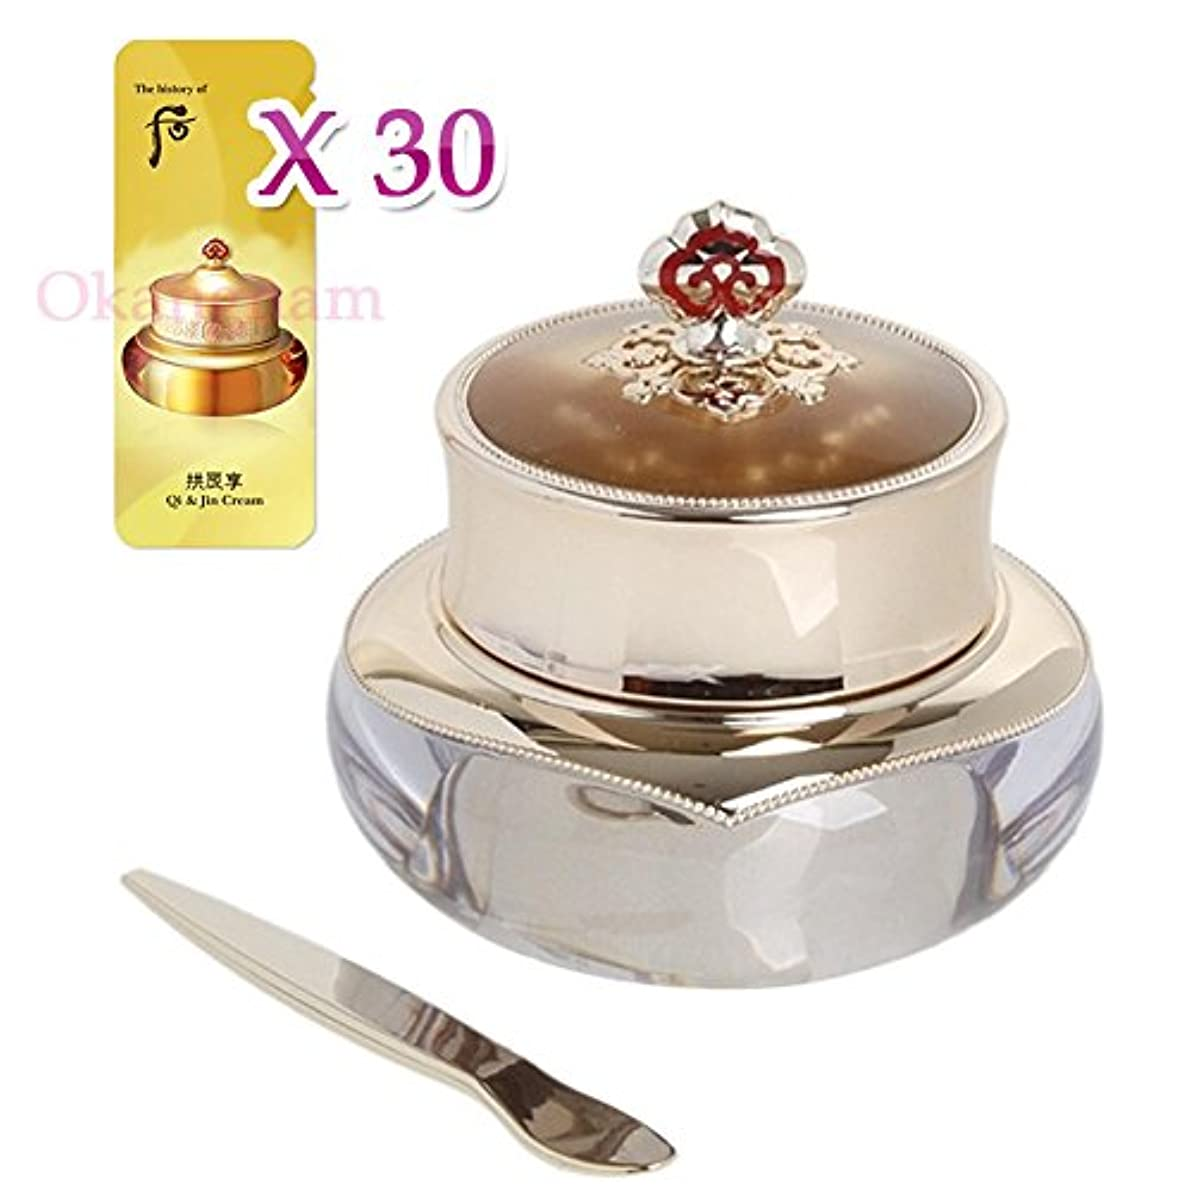 から聞くショップ免疫【フー/ The history of whoo]  Whoo 后 CK04 Hwahyun Eye Cream / 后(フー) 天気丹(チョンギダン) ファヒョン アイクリーム25ml + [Sample Gift](...